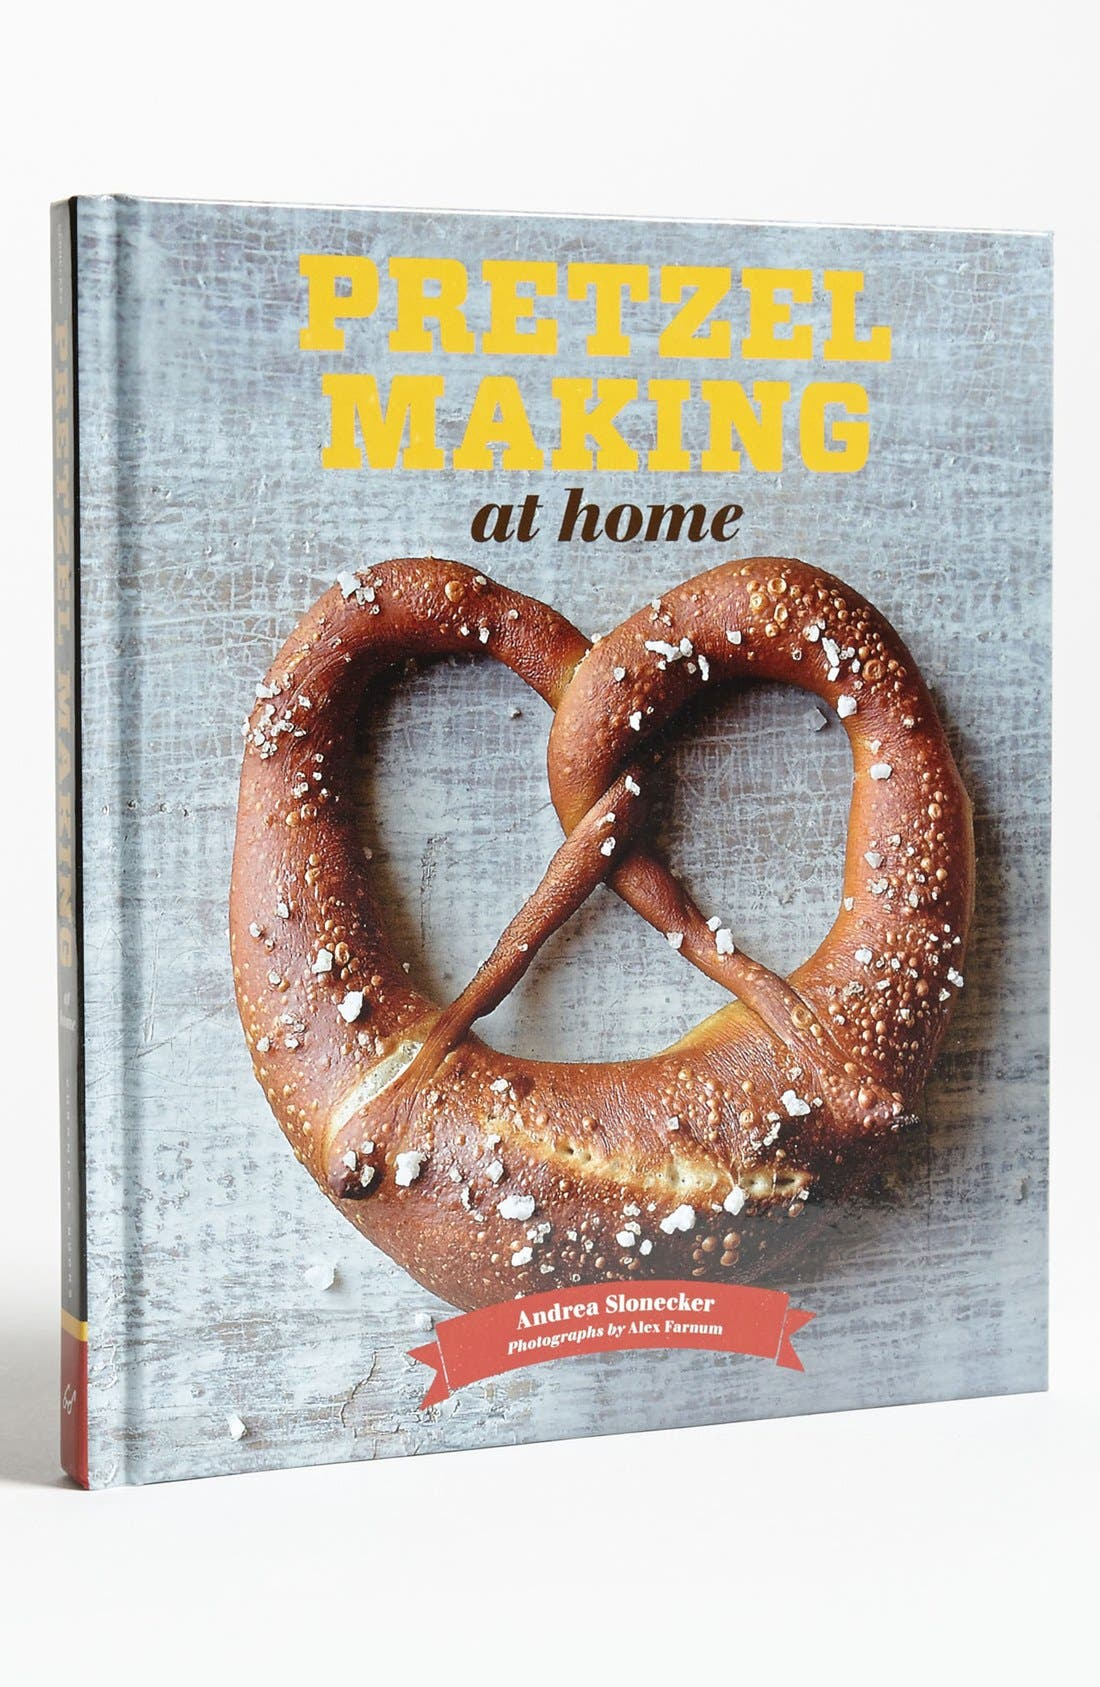 Alternate Image 1 Selected - 'Pretzel Making at Home' Cookbook